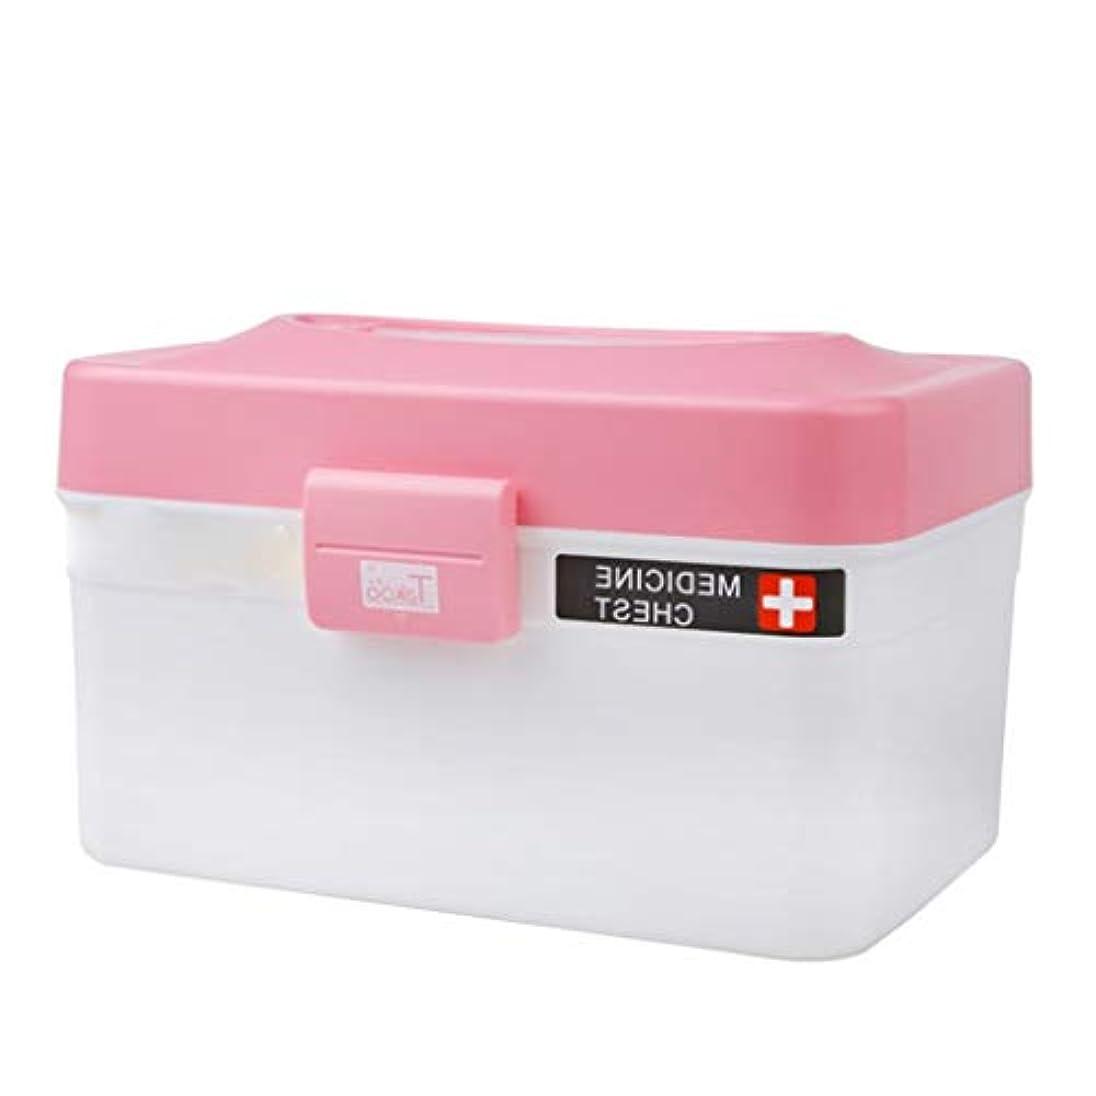 運ぶサスペンション覗くLLSDD 家庭用薬品収納箱厚手のプラスチック製薬品雑貨収納箱キッチンバスルーム雑貨収納箱化粧品収納箱(色:ピンク)